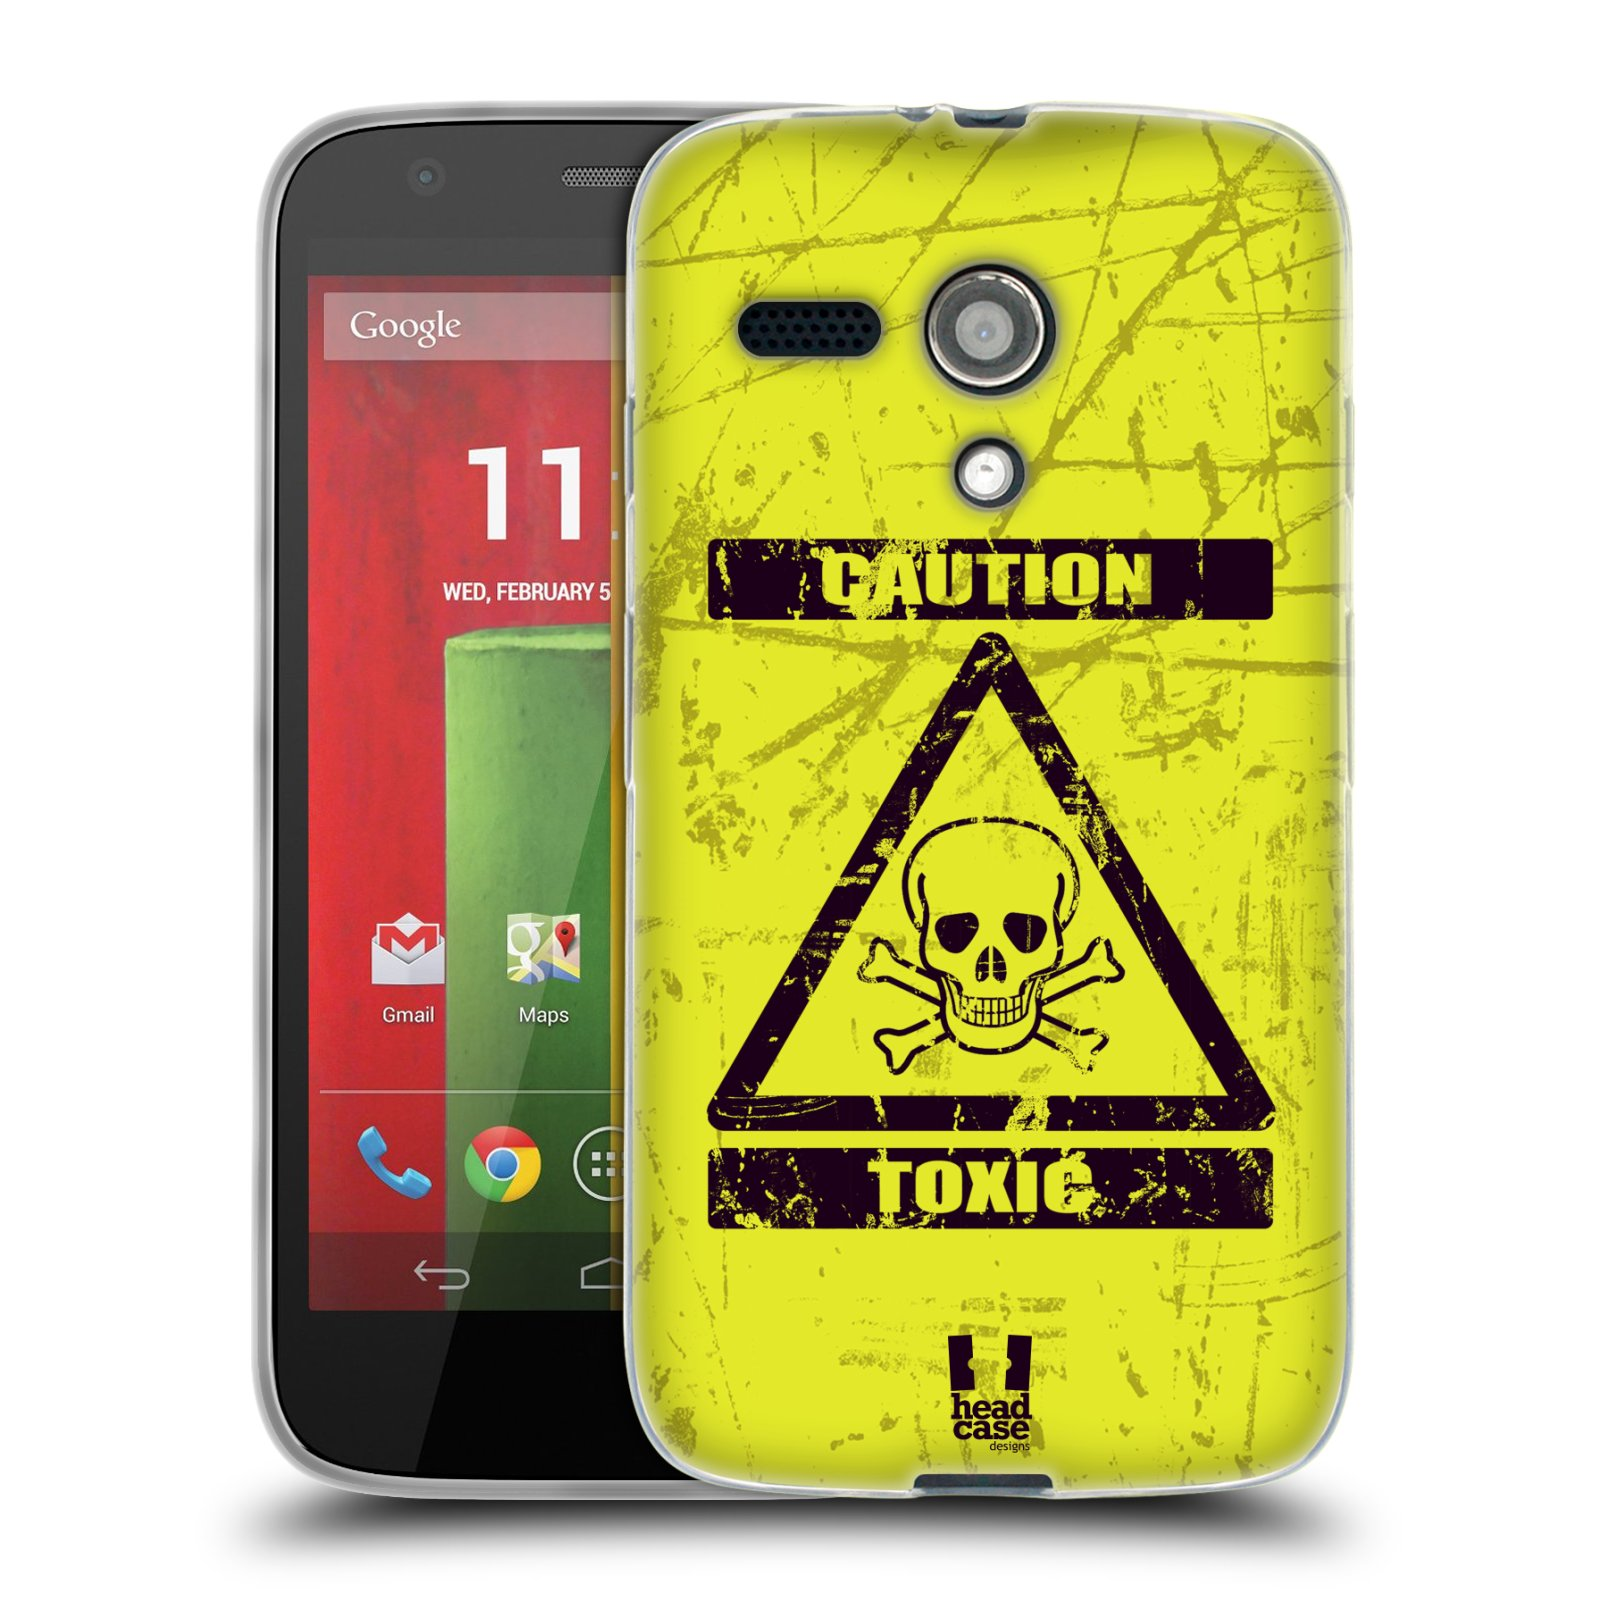 Silikonové pouzdro na mobil Motorola Moto G HEAD CASE TOXIC (Silikonový kryt či obal na mobilní telefon Motorola Moto G)